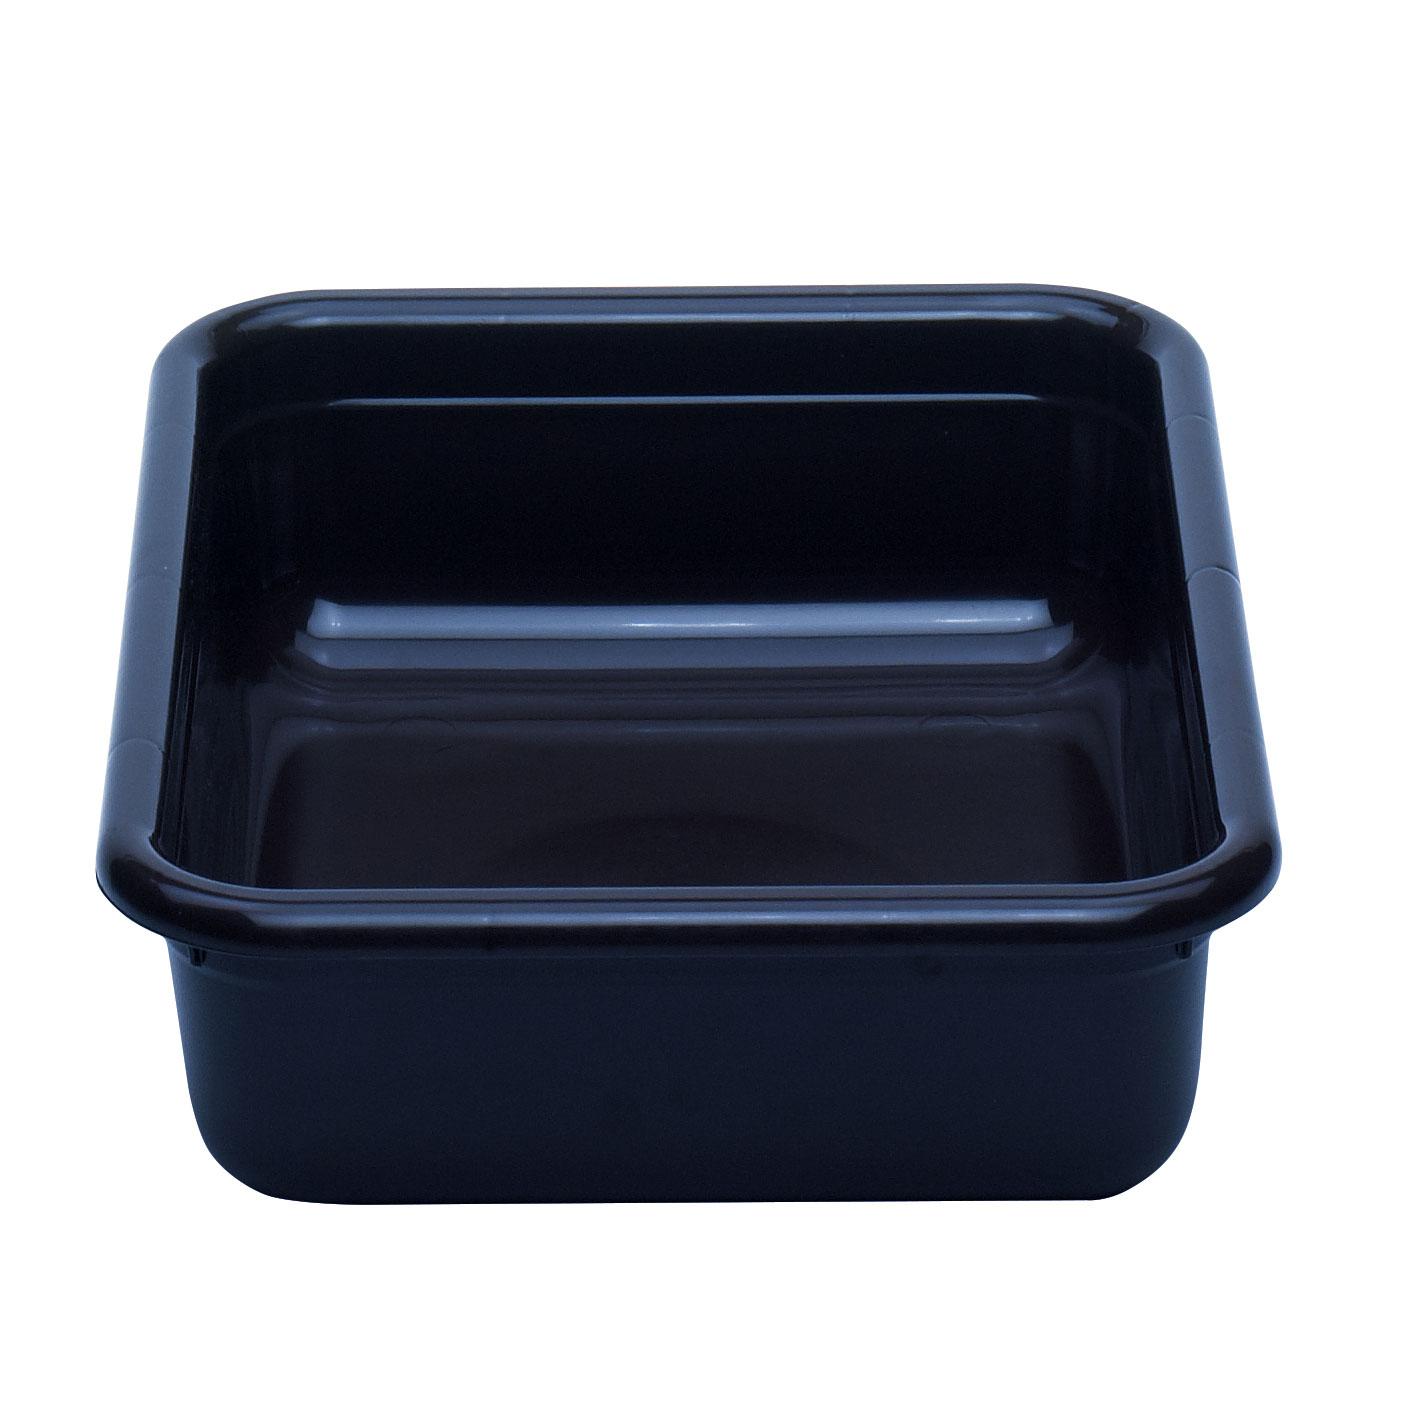 Cambro 1520CBR110 food/beverage storage container